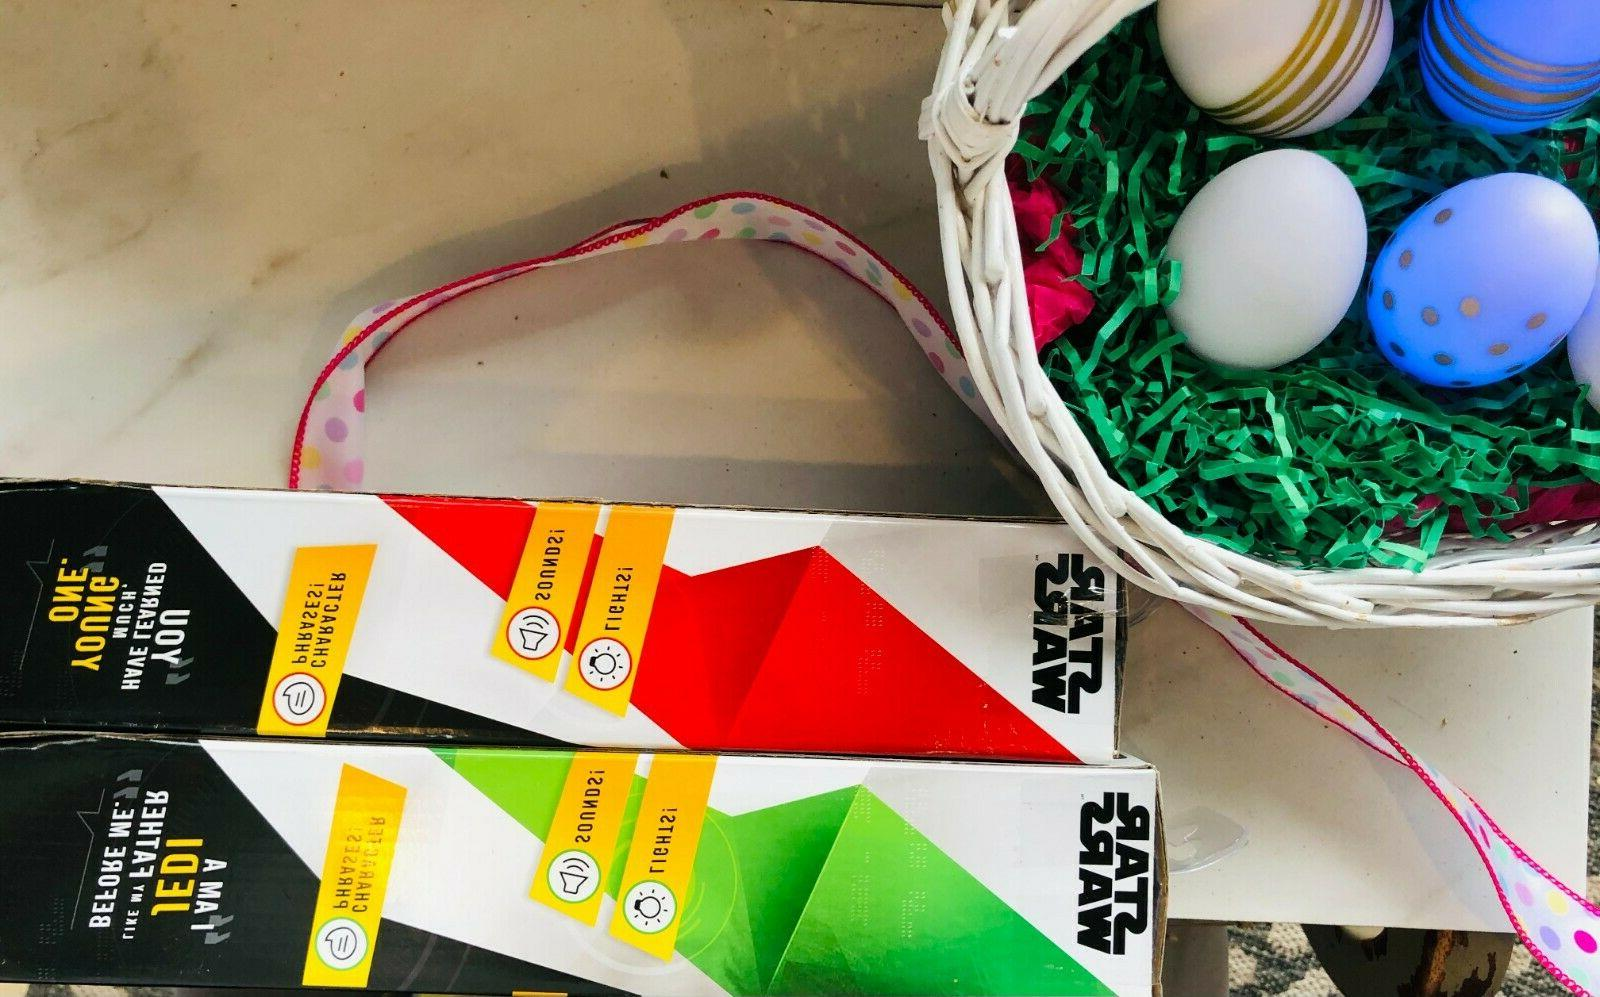 NEW**Star Wars Vader OR Lightsaber Toy**